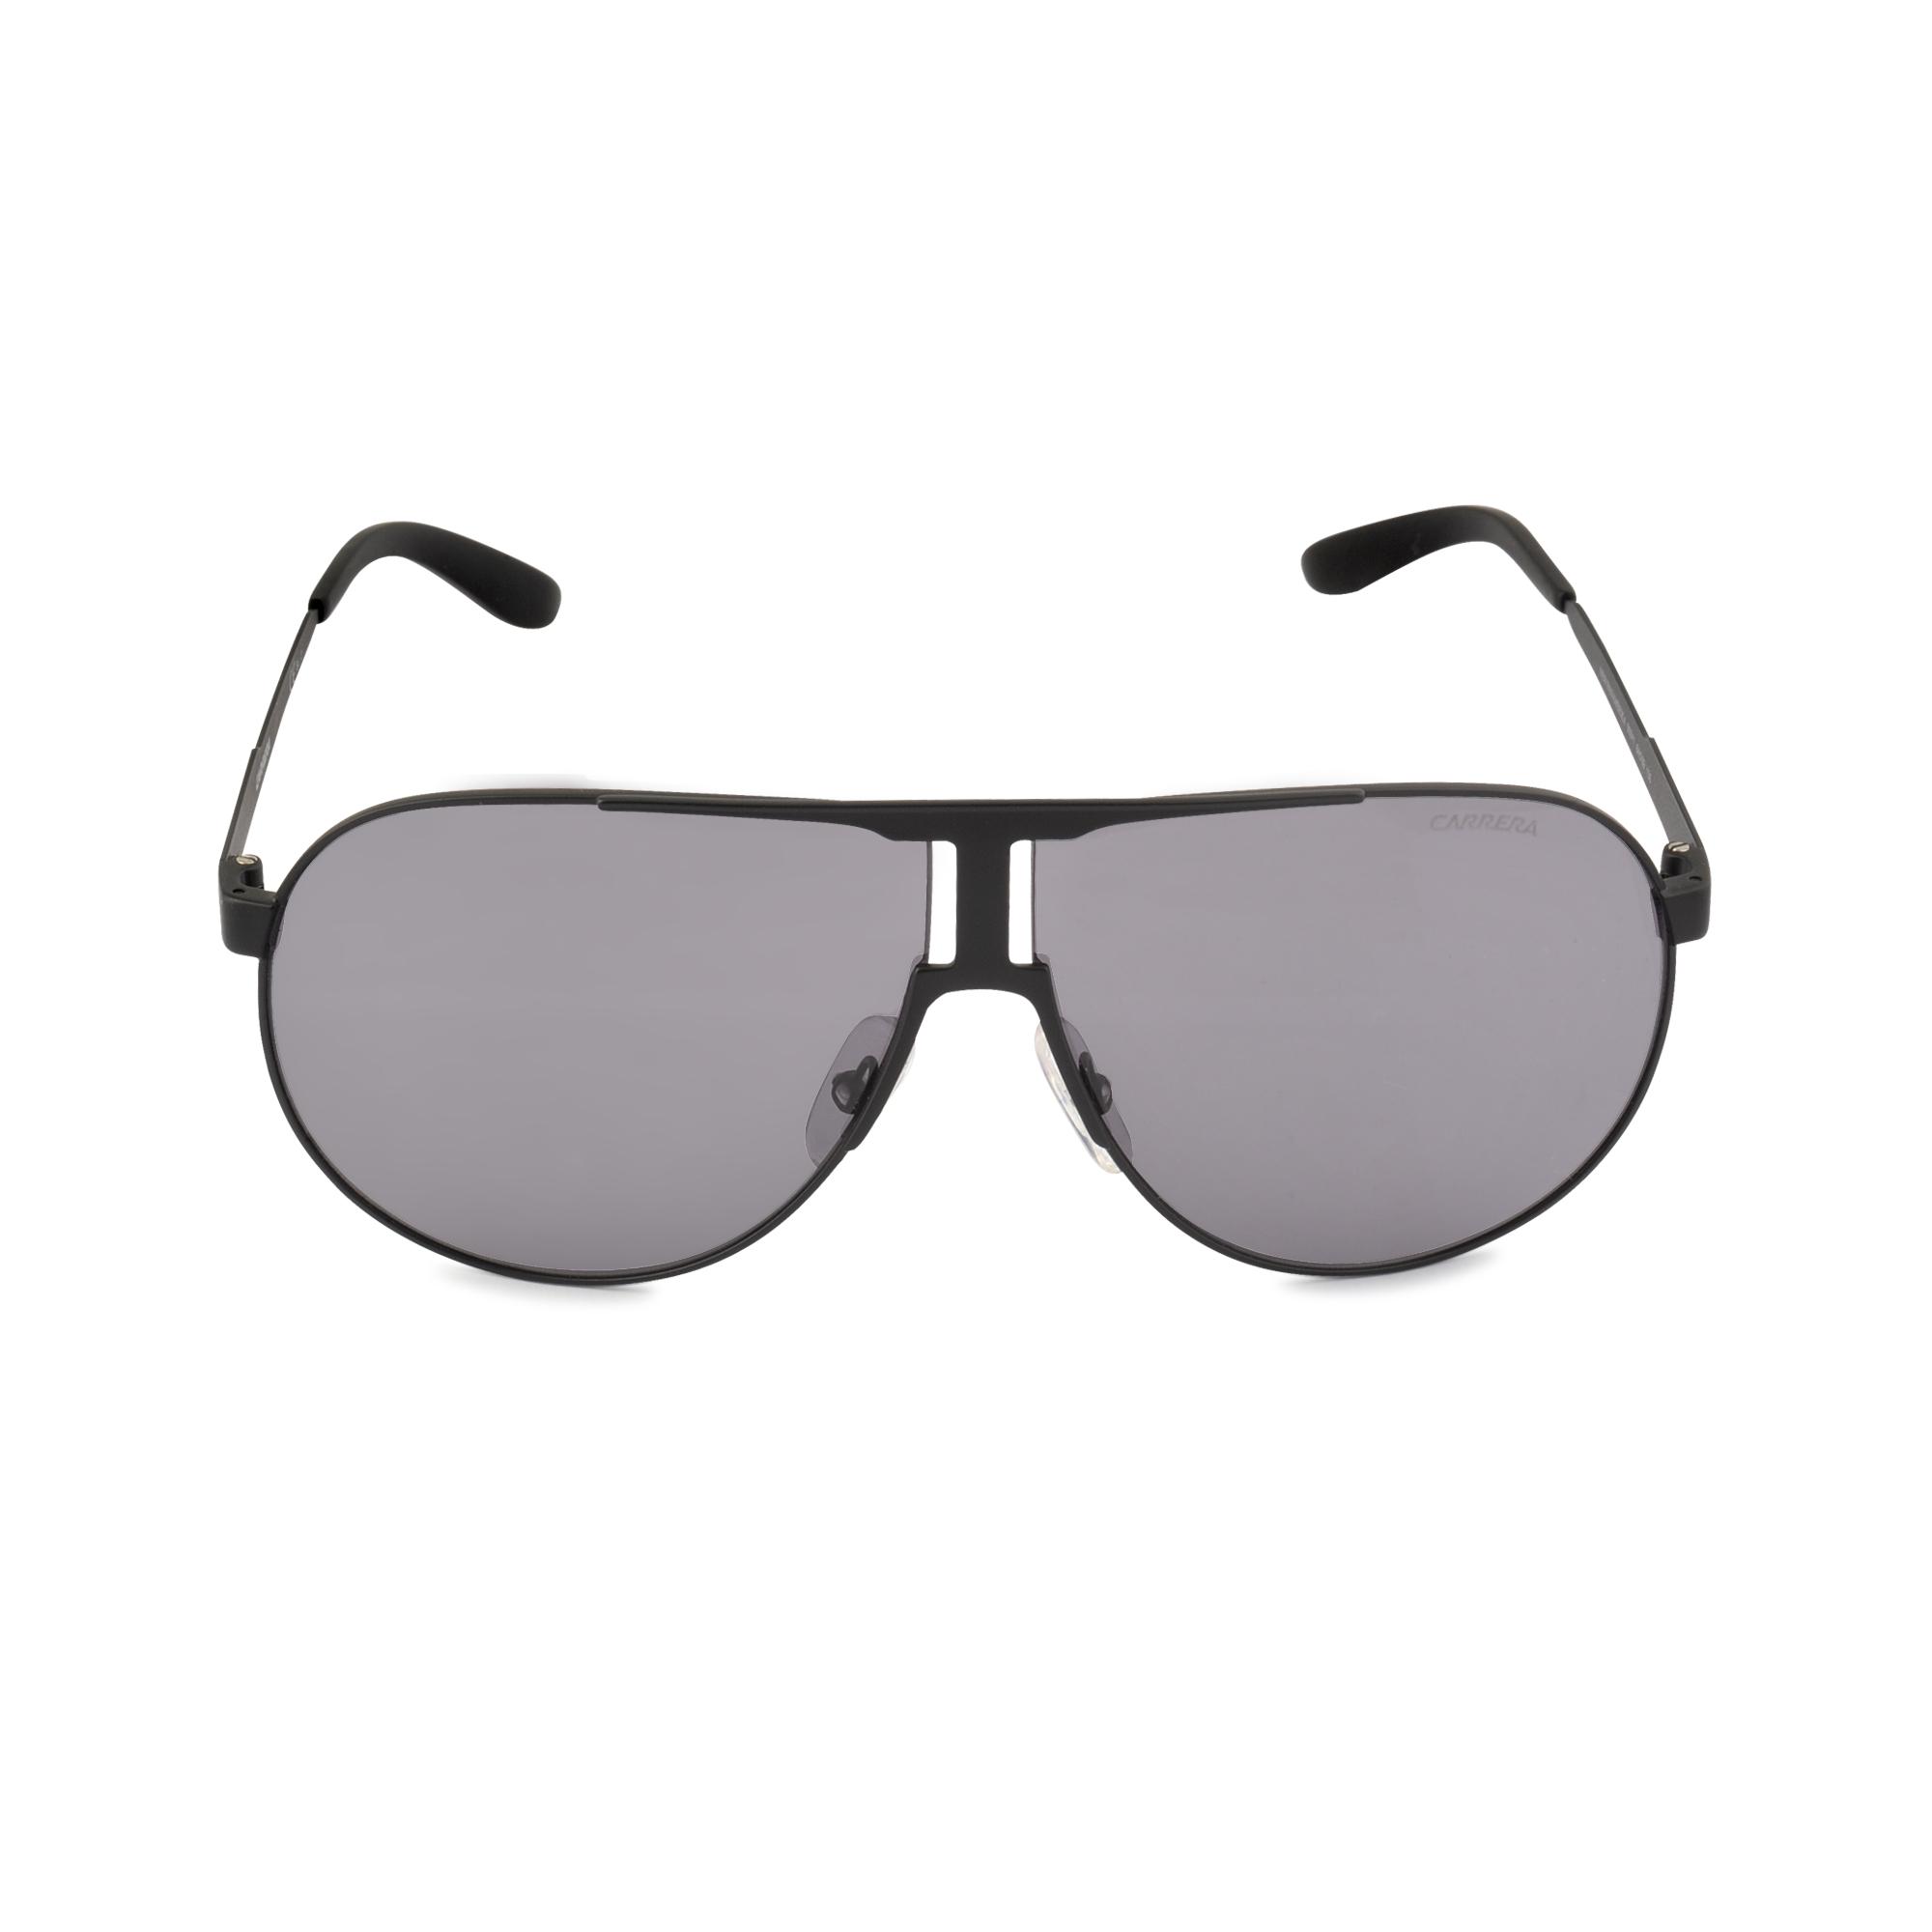 Carrera New Panamerika Sunglasses in Black Save 31% Lyst 6e528939f7